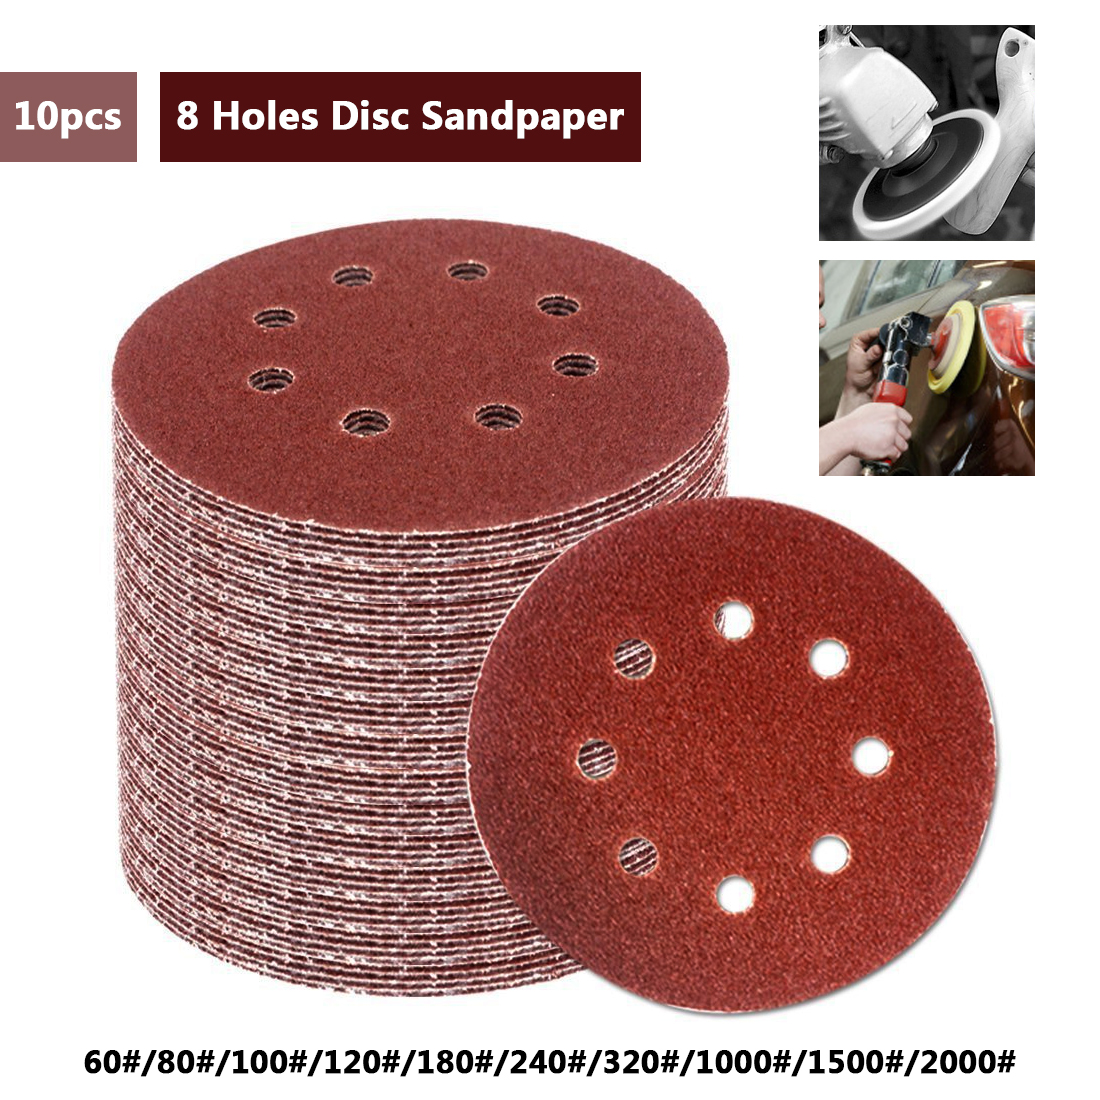 Lija redonda de 10 Uds. De 5 pulgadas y 125mm con ocho huecos, discos de lija, hojas de lija de 60-2000, pulidor de discos de lijado con gancho y lazo